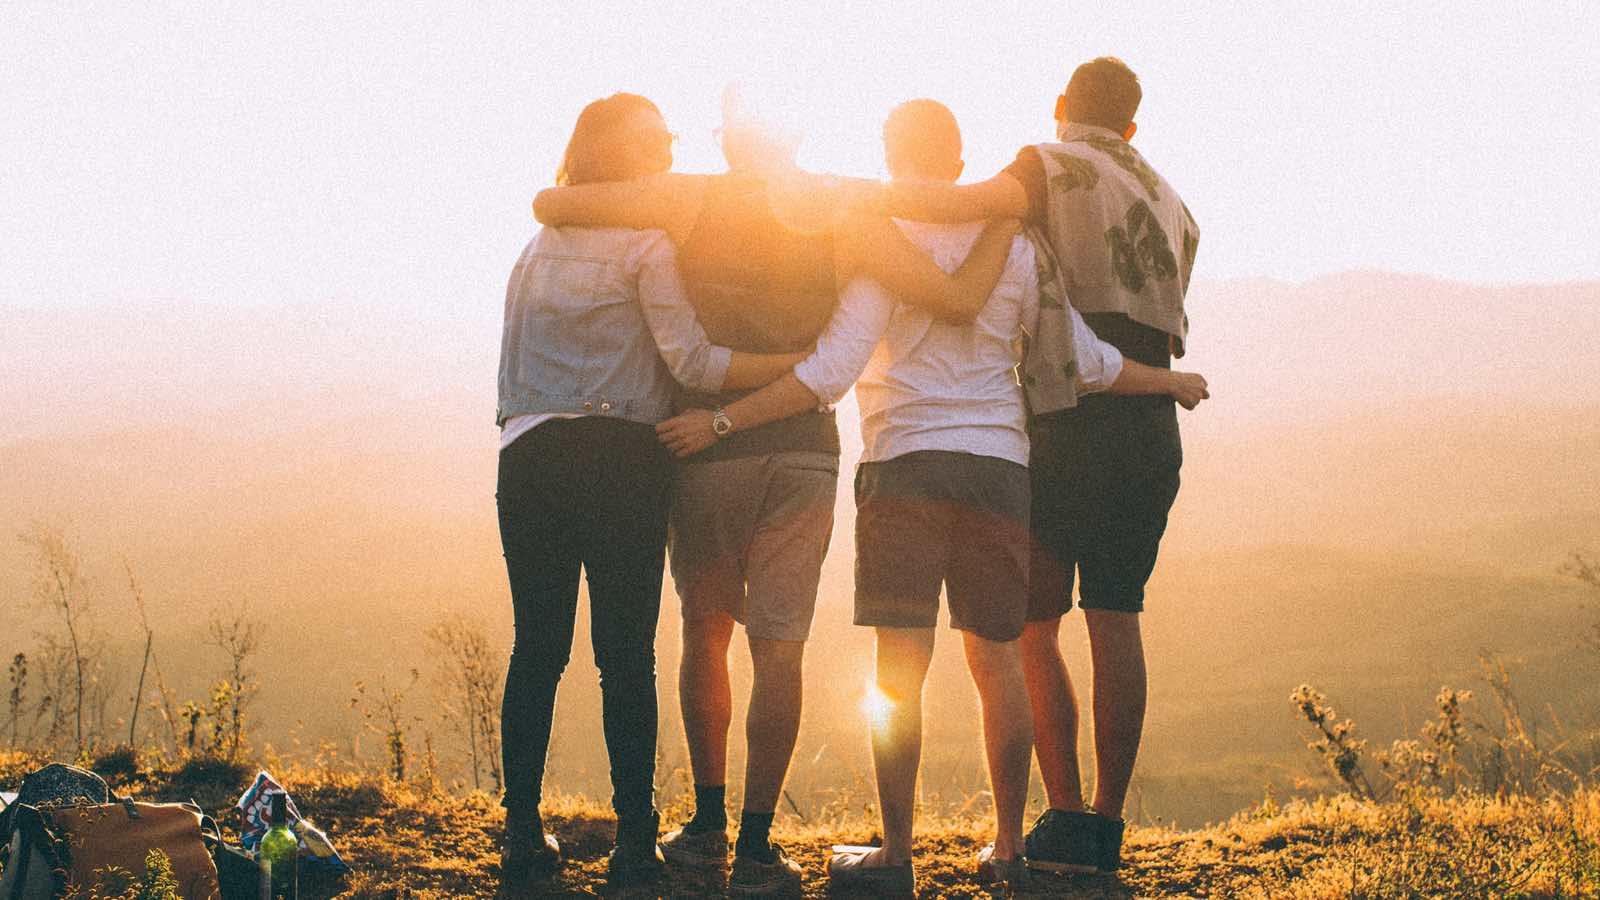 Freundschaftssprüche- 1064+ beste, schöne, kurze und lustige Sprüche